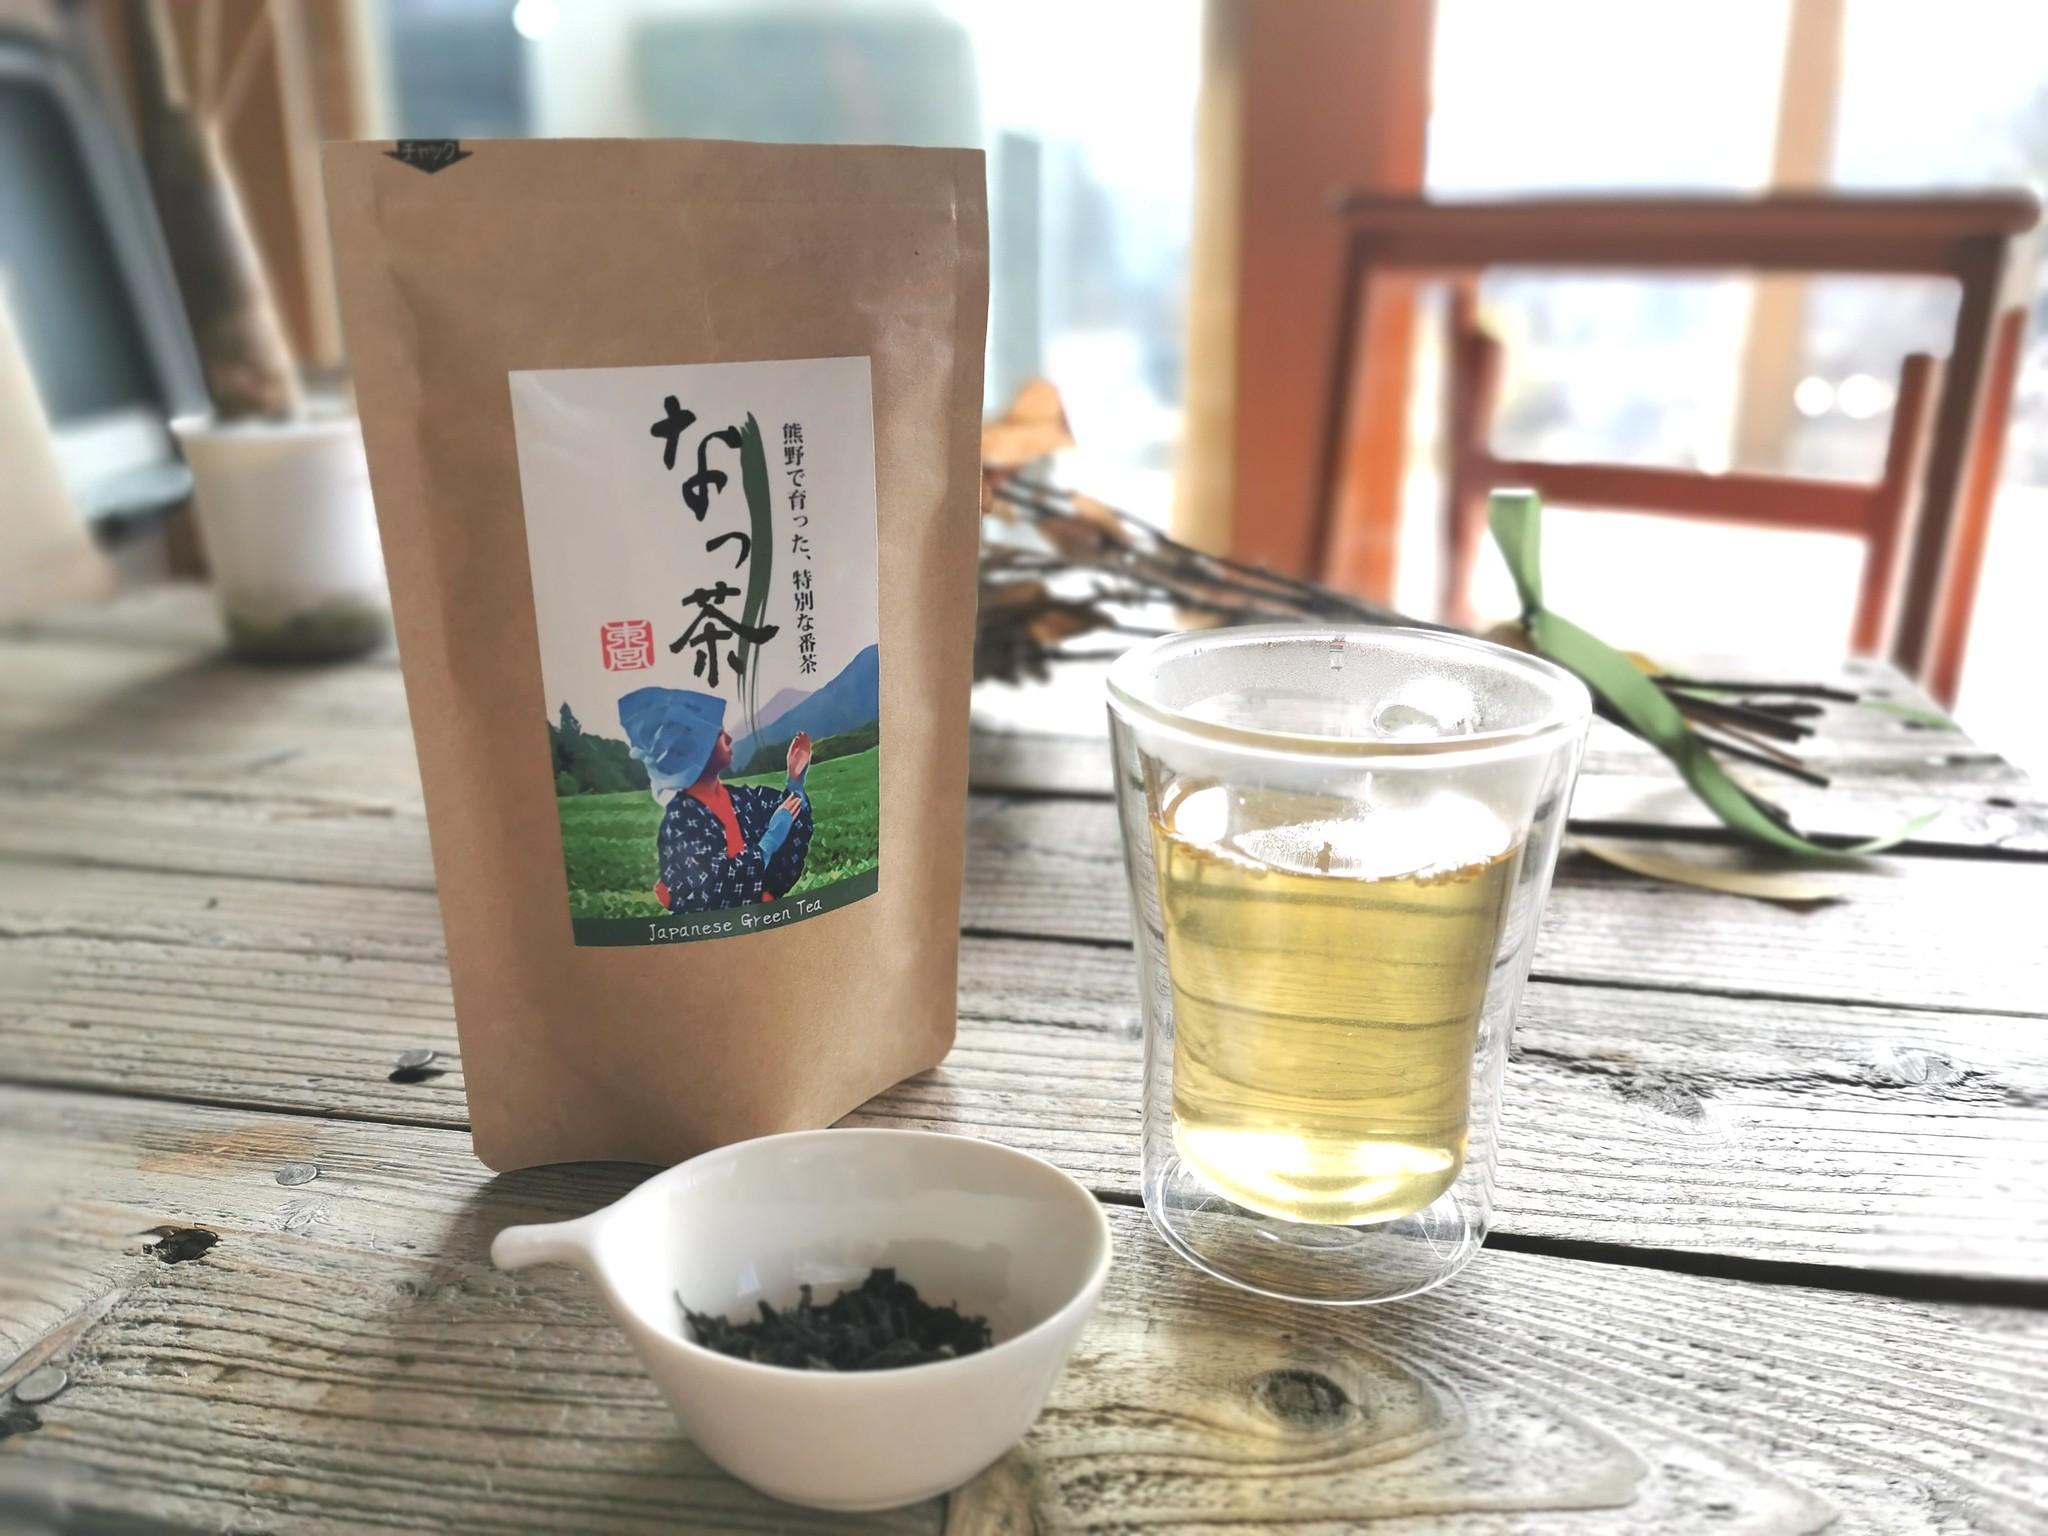 【熊野古道】なっ茶@24歳の若きなっちゃんがつくる「熊野番茶(釜炒り茶)」。おじいちゃん、おばあちゃんが培ってきた味を広めたい!